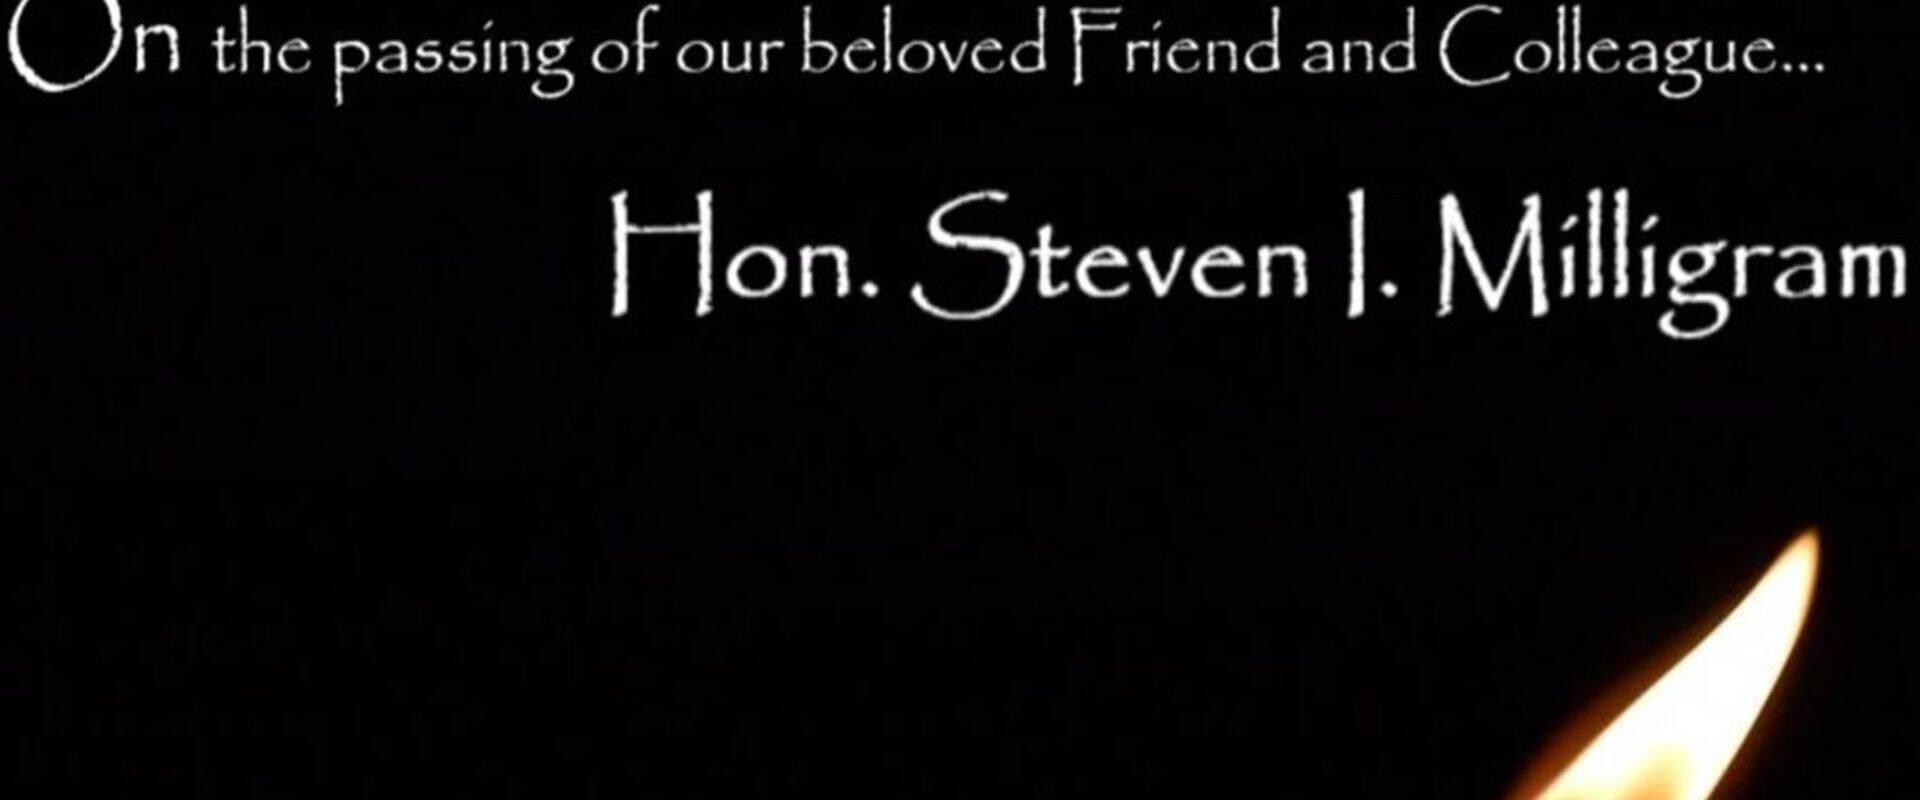 Honorable Steven I. Milligram Memorial Program